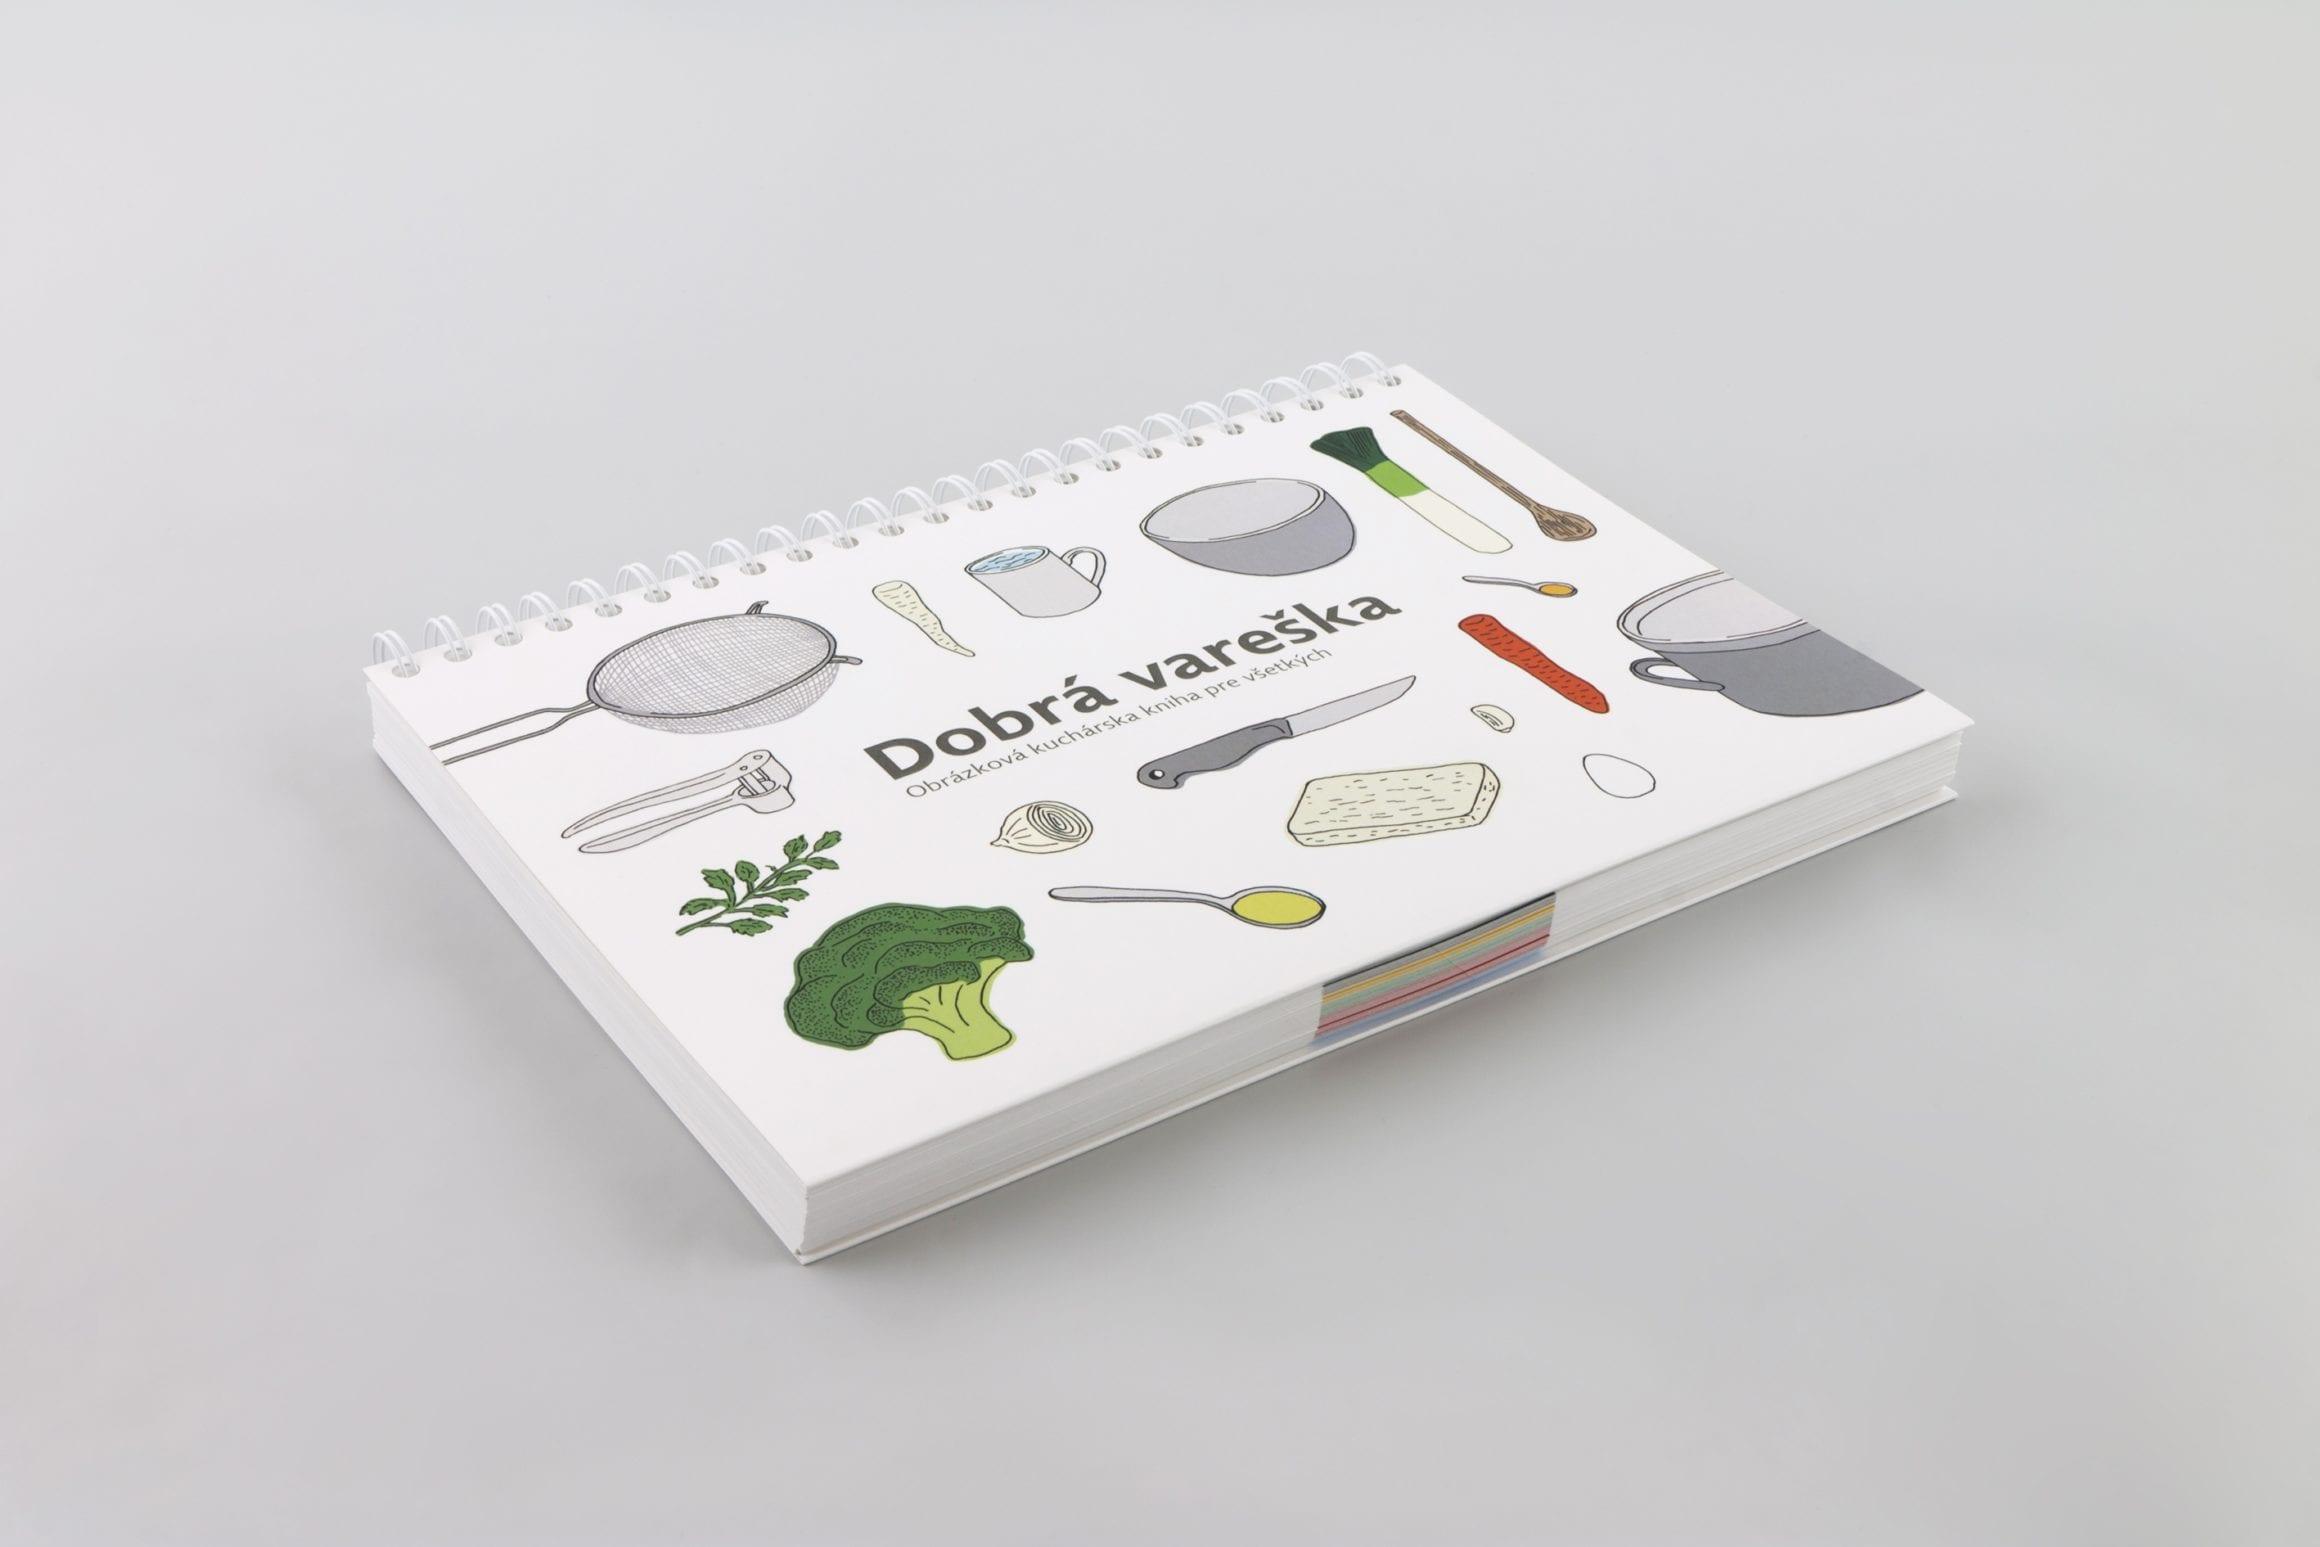 afd866987681ffba960a0fcd15f9137d - Domáci grafický dizajn: Dizajn ako pomoc – Kuchárska kniha Dobrá vareška